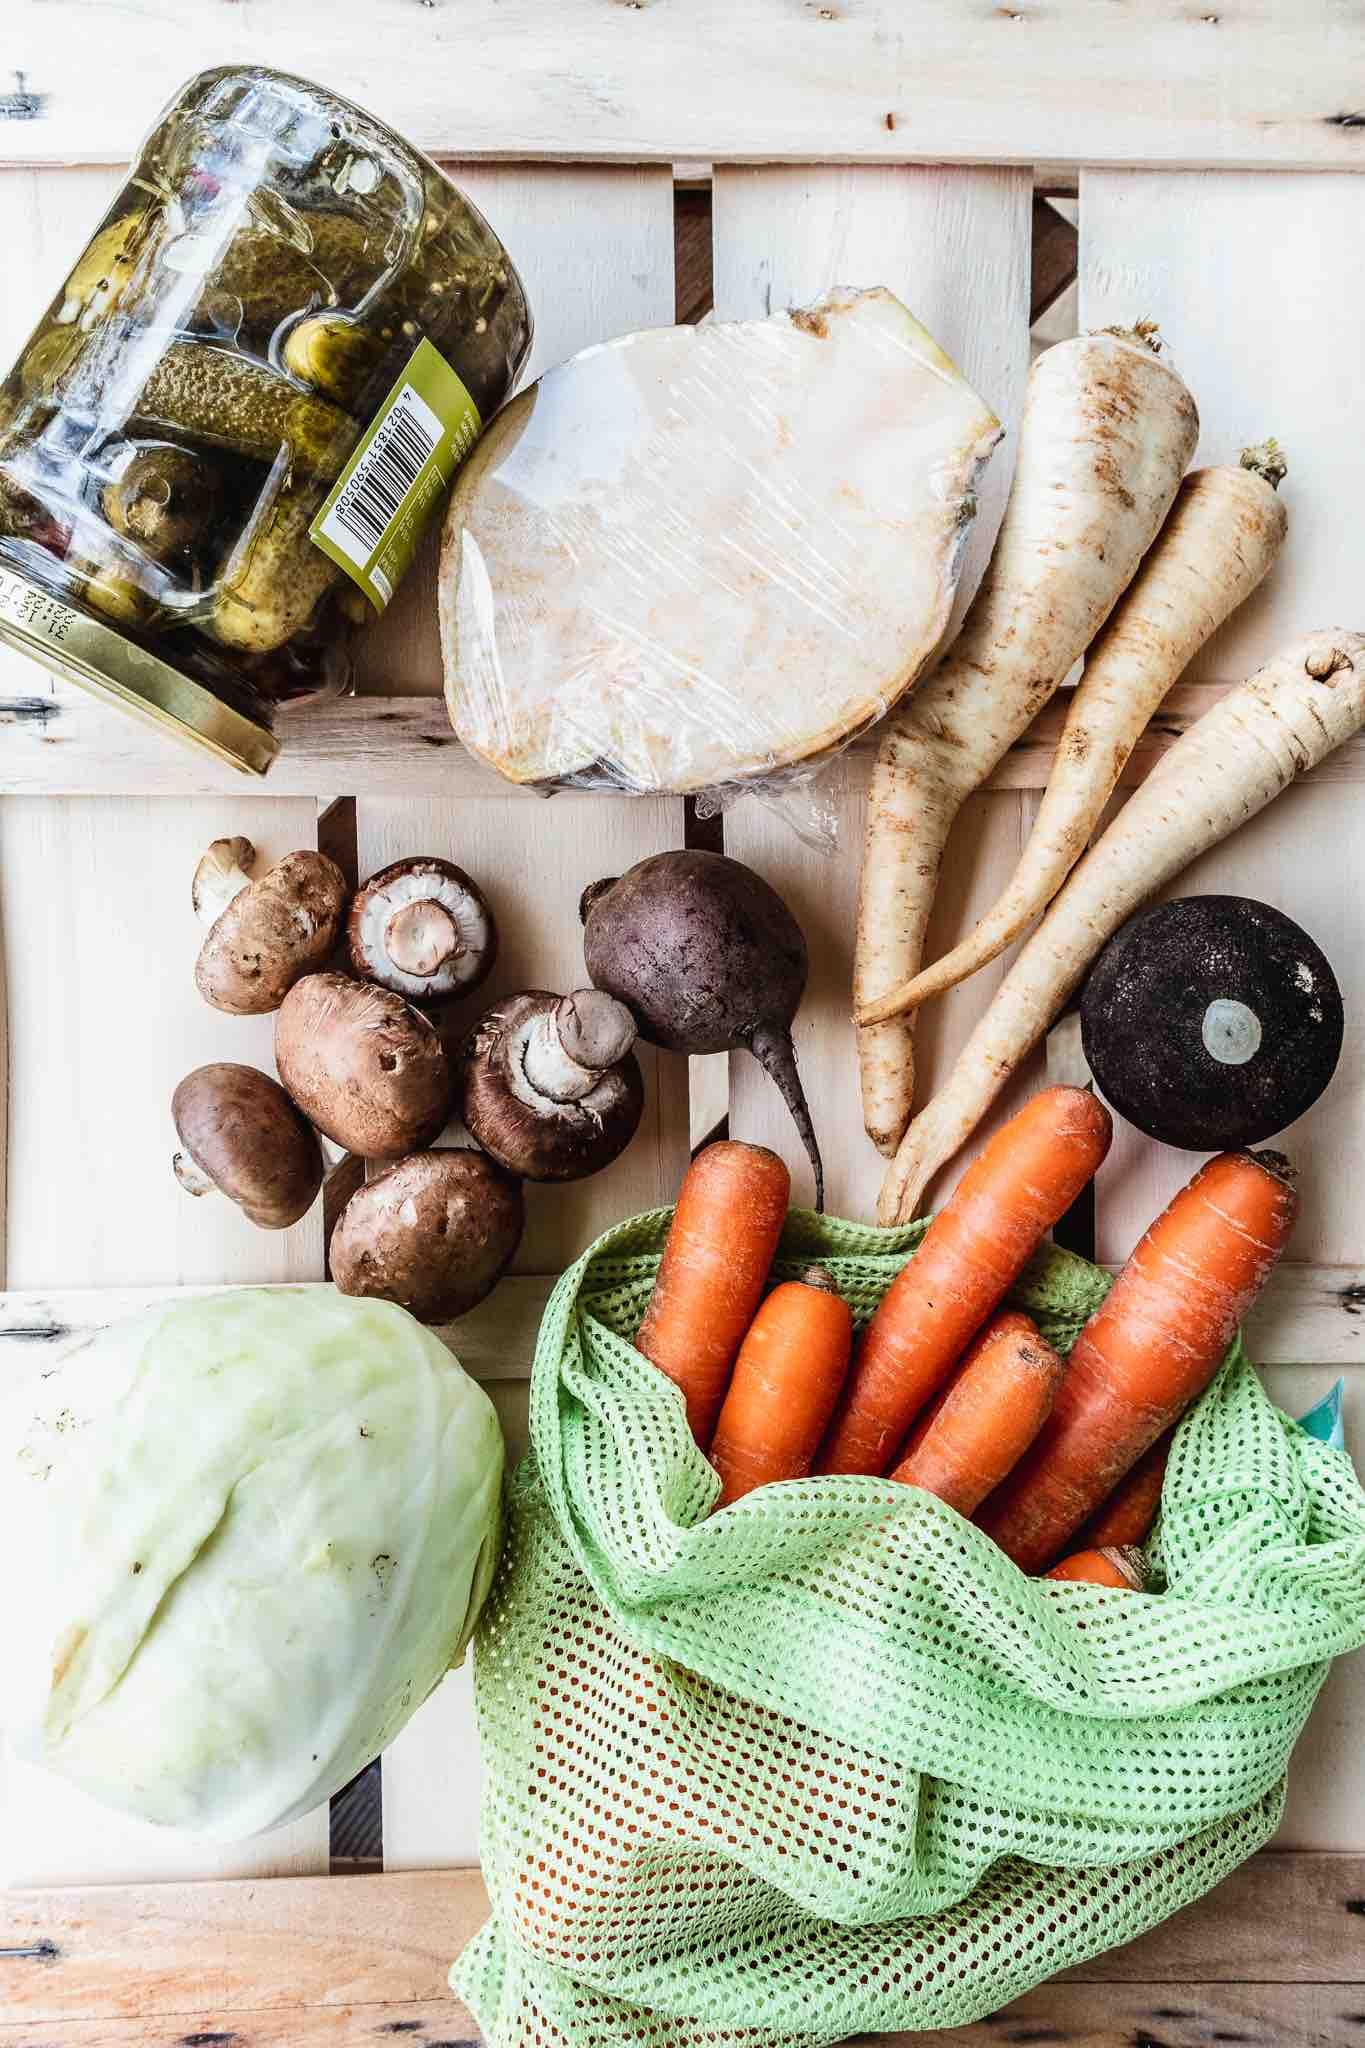 Einkaufen während Corona: Frisches Gemüse der Saison